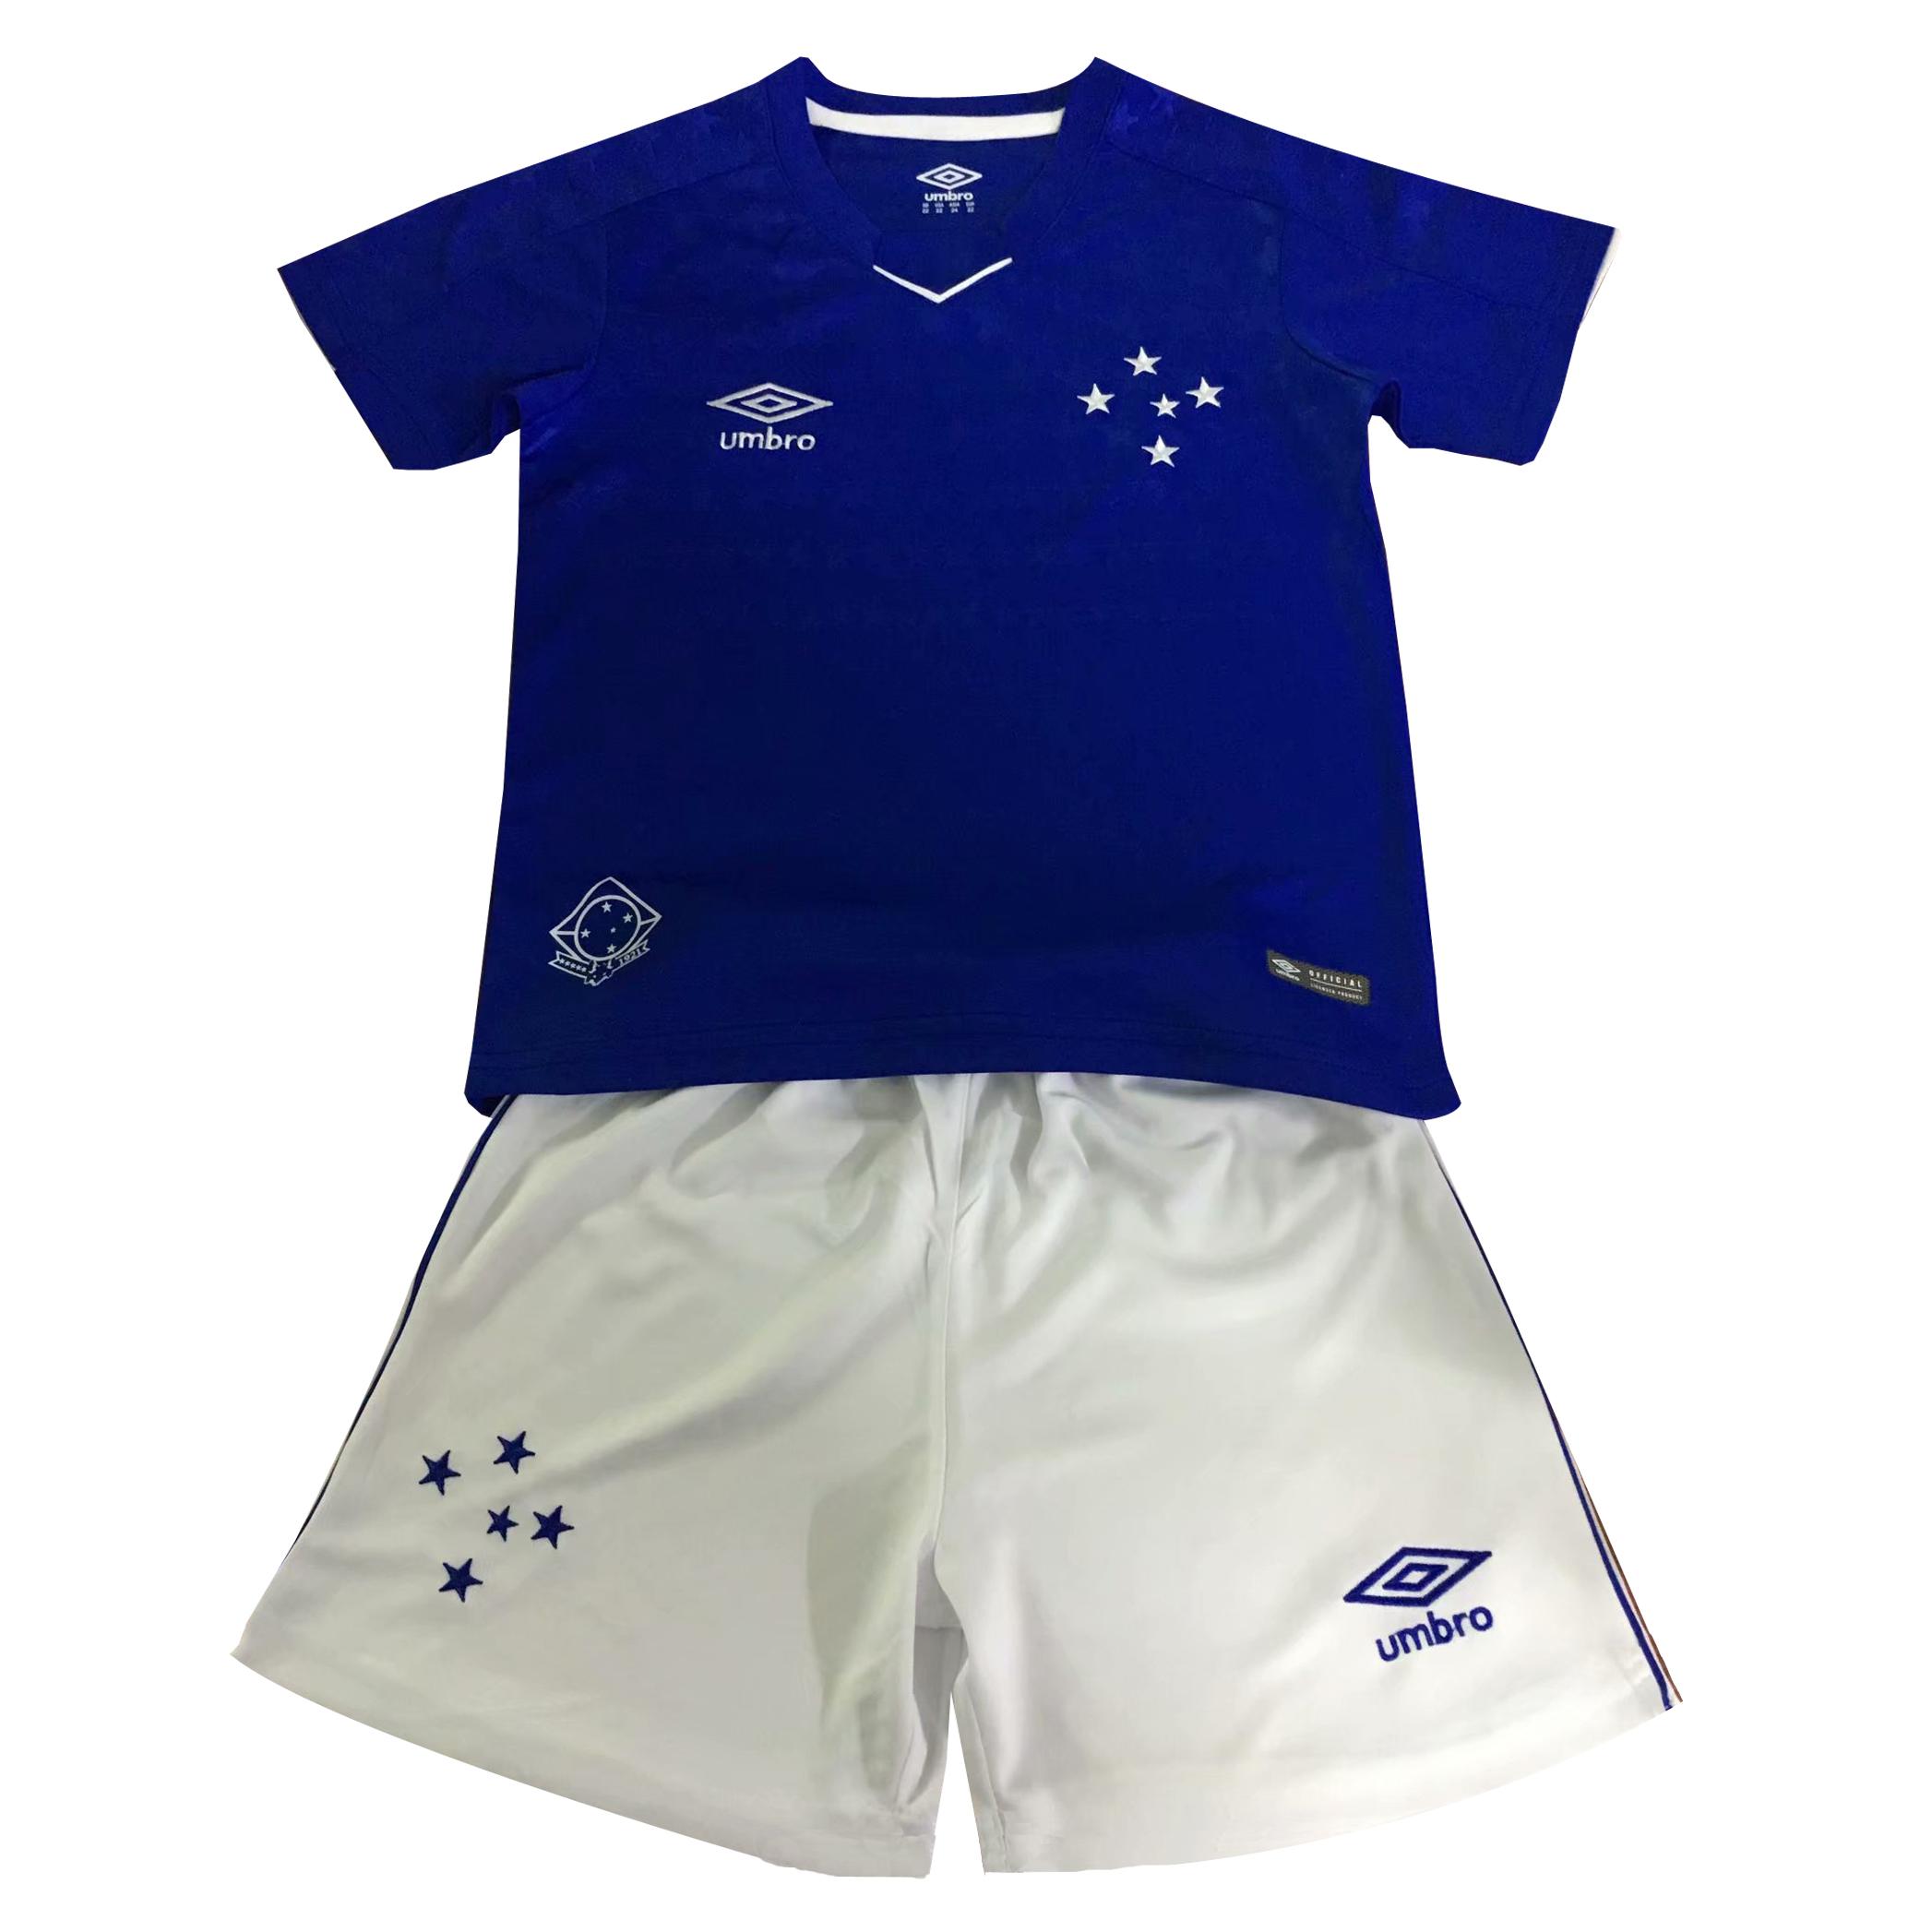 bd733d2e047 US$ 14.8 - Cruzeiro Home Jersey Kids' 2019/20 - www.fcsoccerworld.com